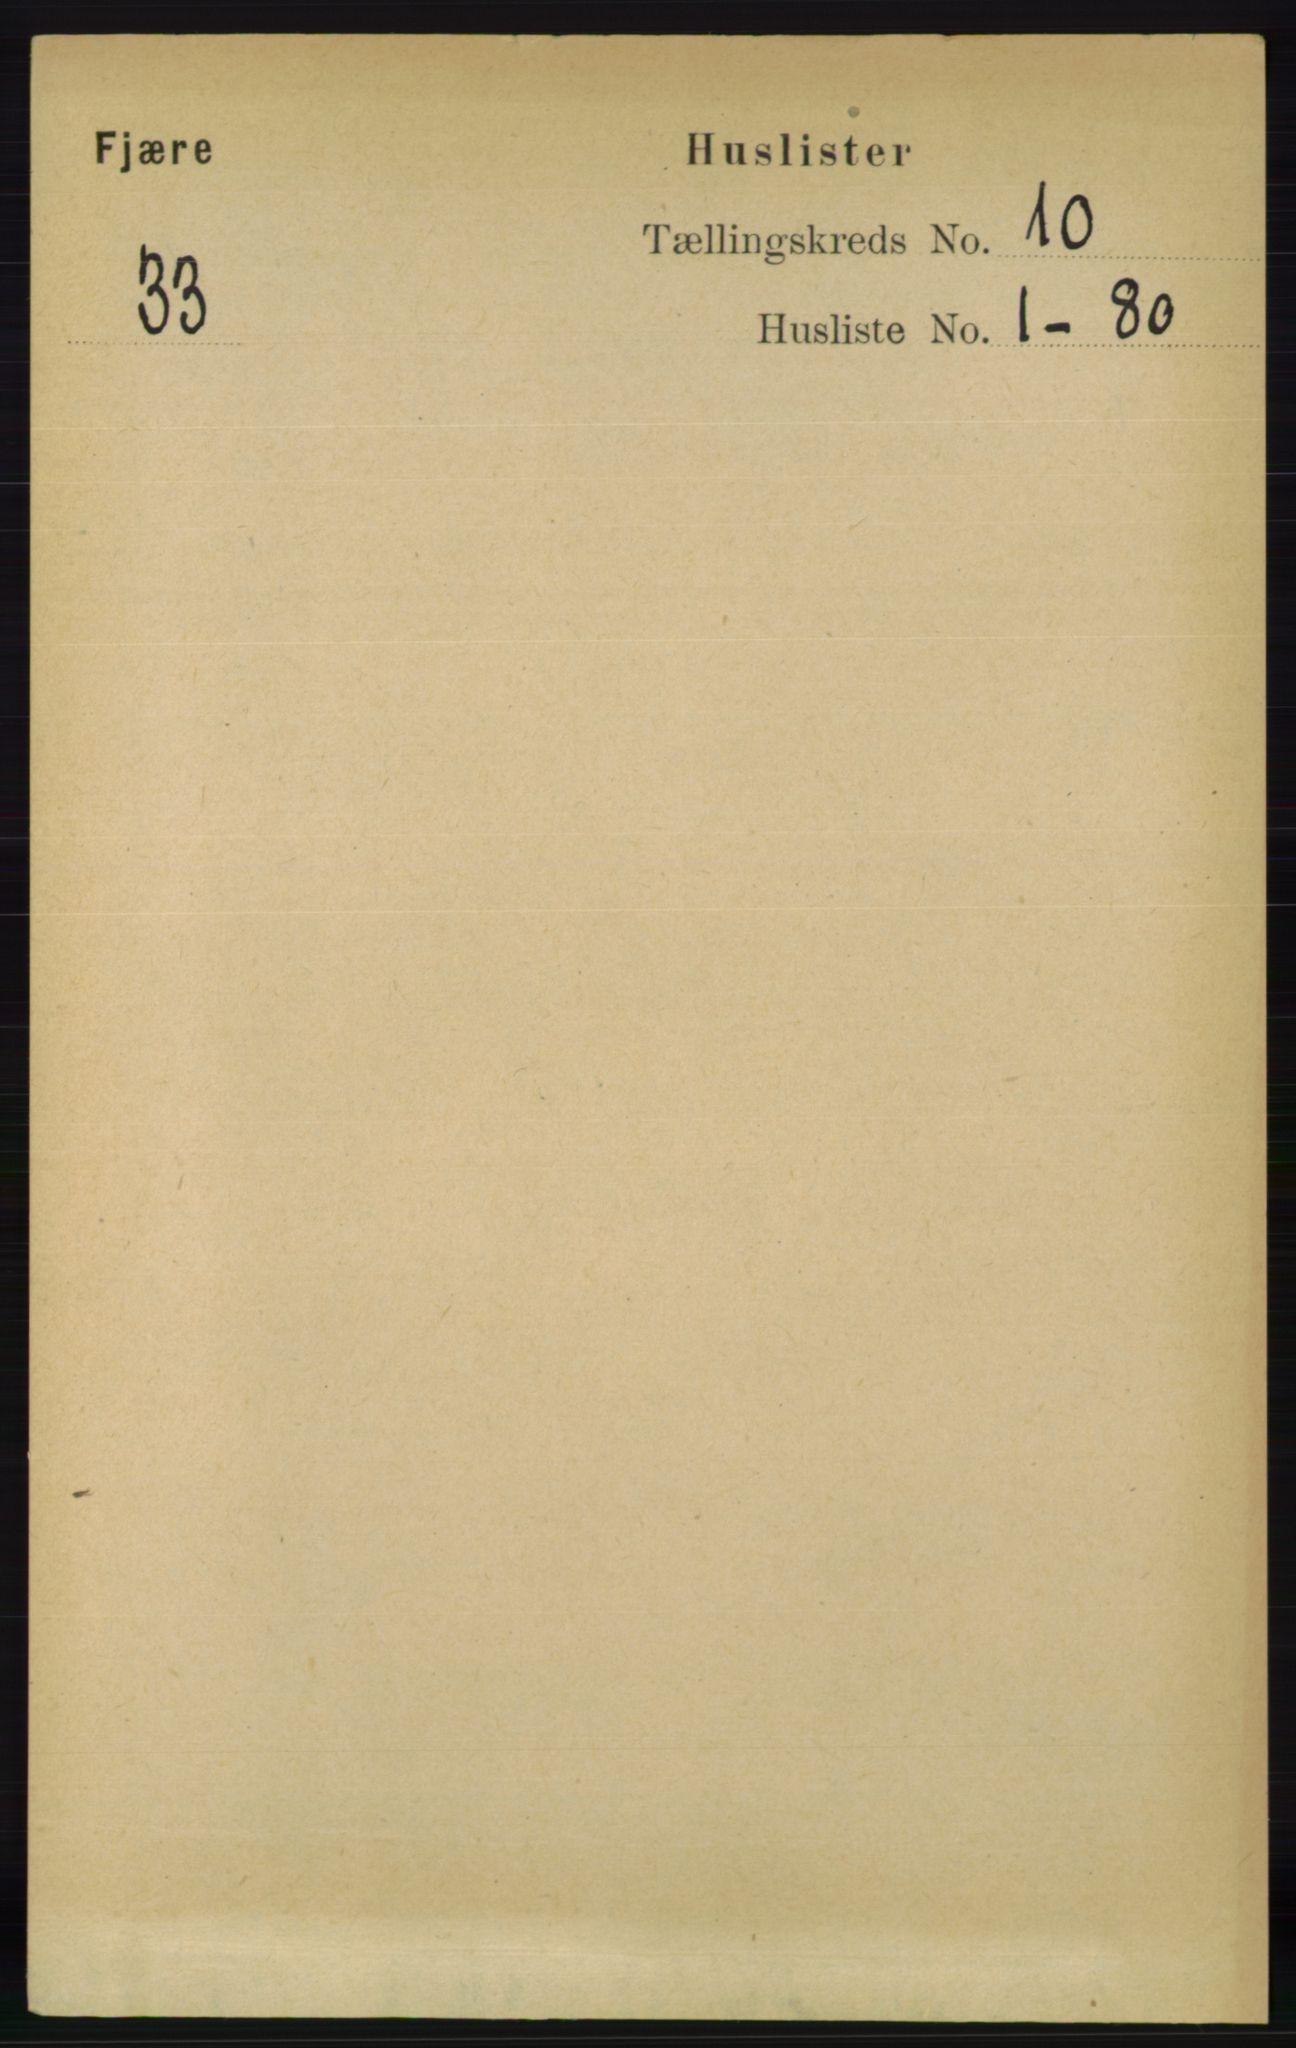 RA, Folketelling 1891 for 0923 Fjære herred, 1891, s. 4914